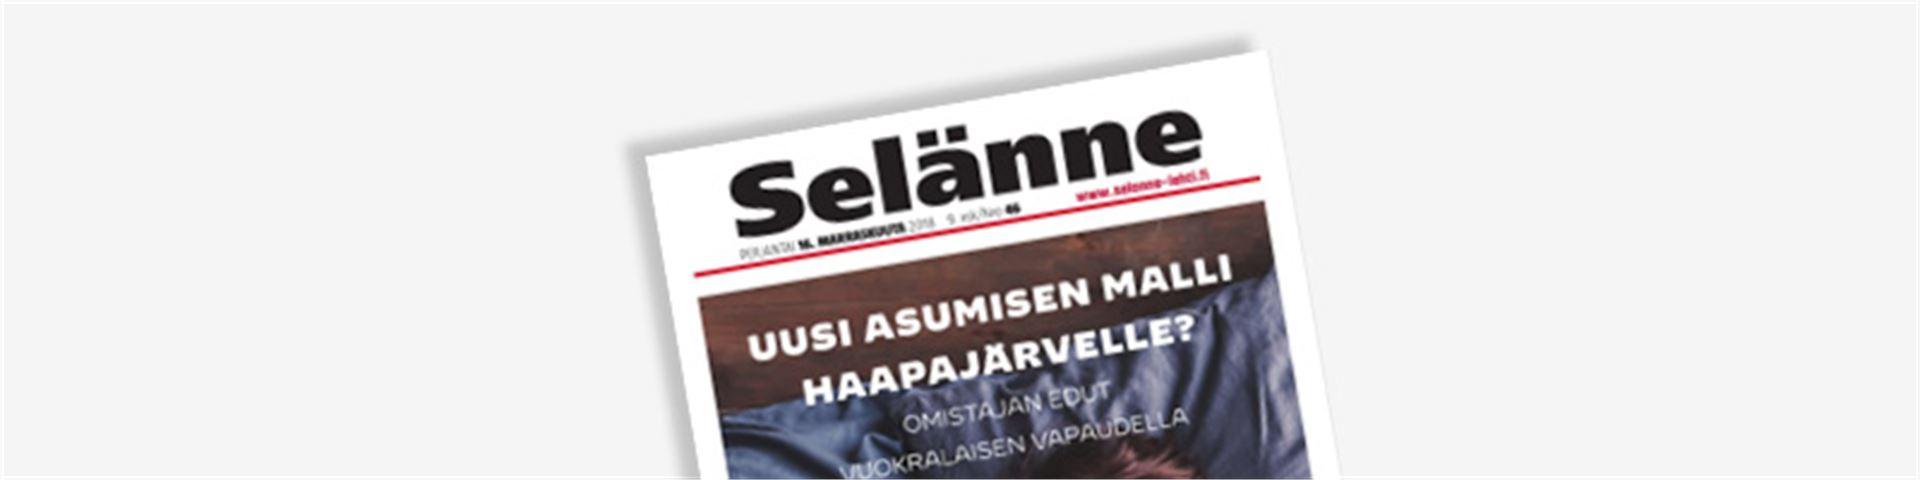 Selänne-lehti